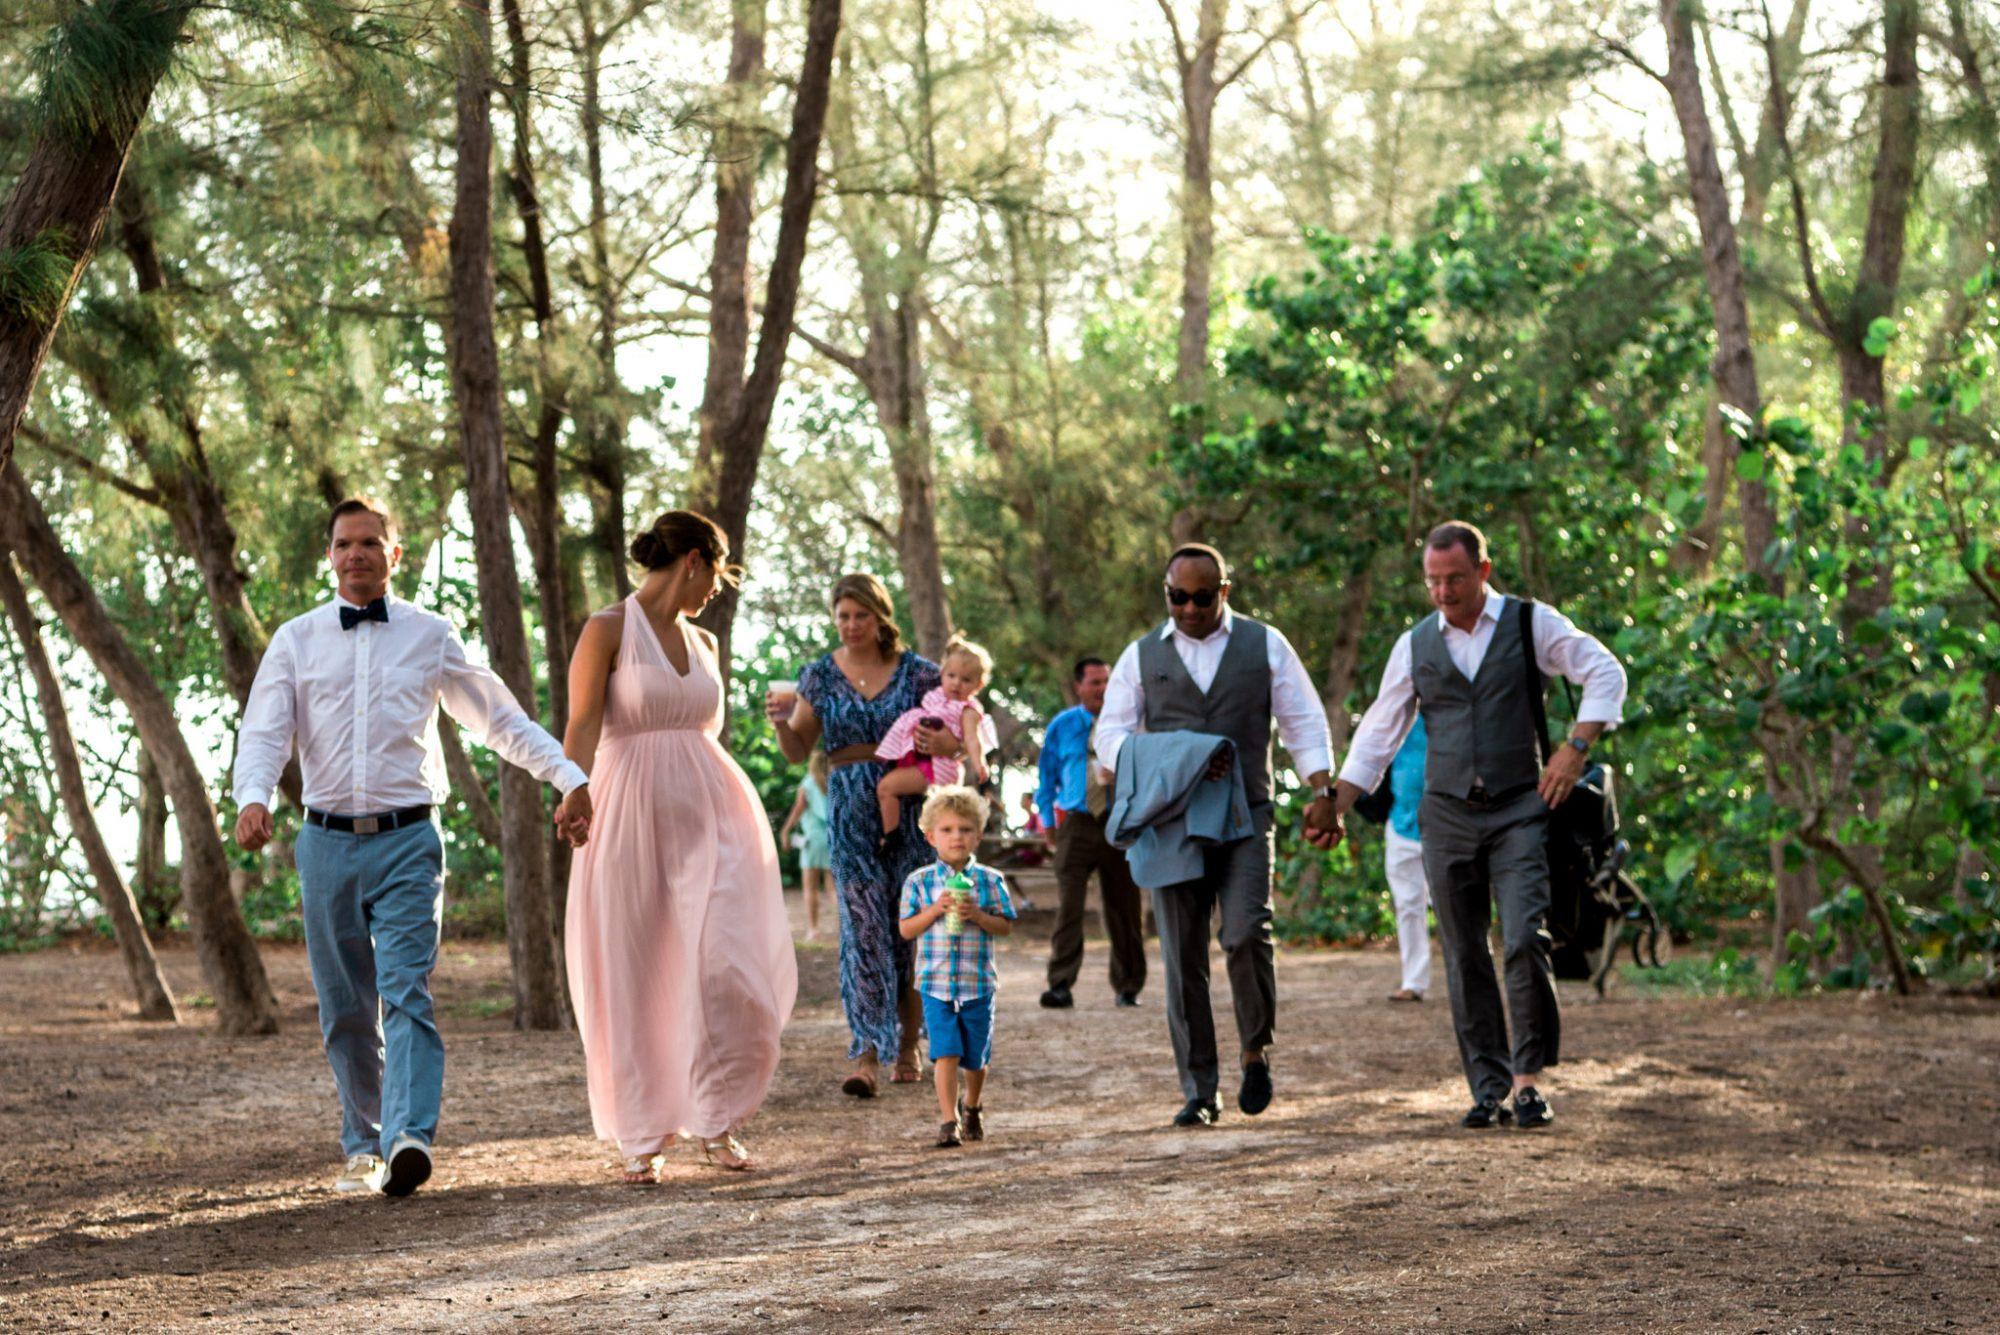 FBF2783 2 - Freya & Jamie   Key West Wedding